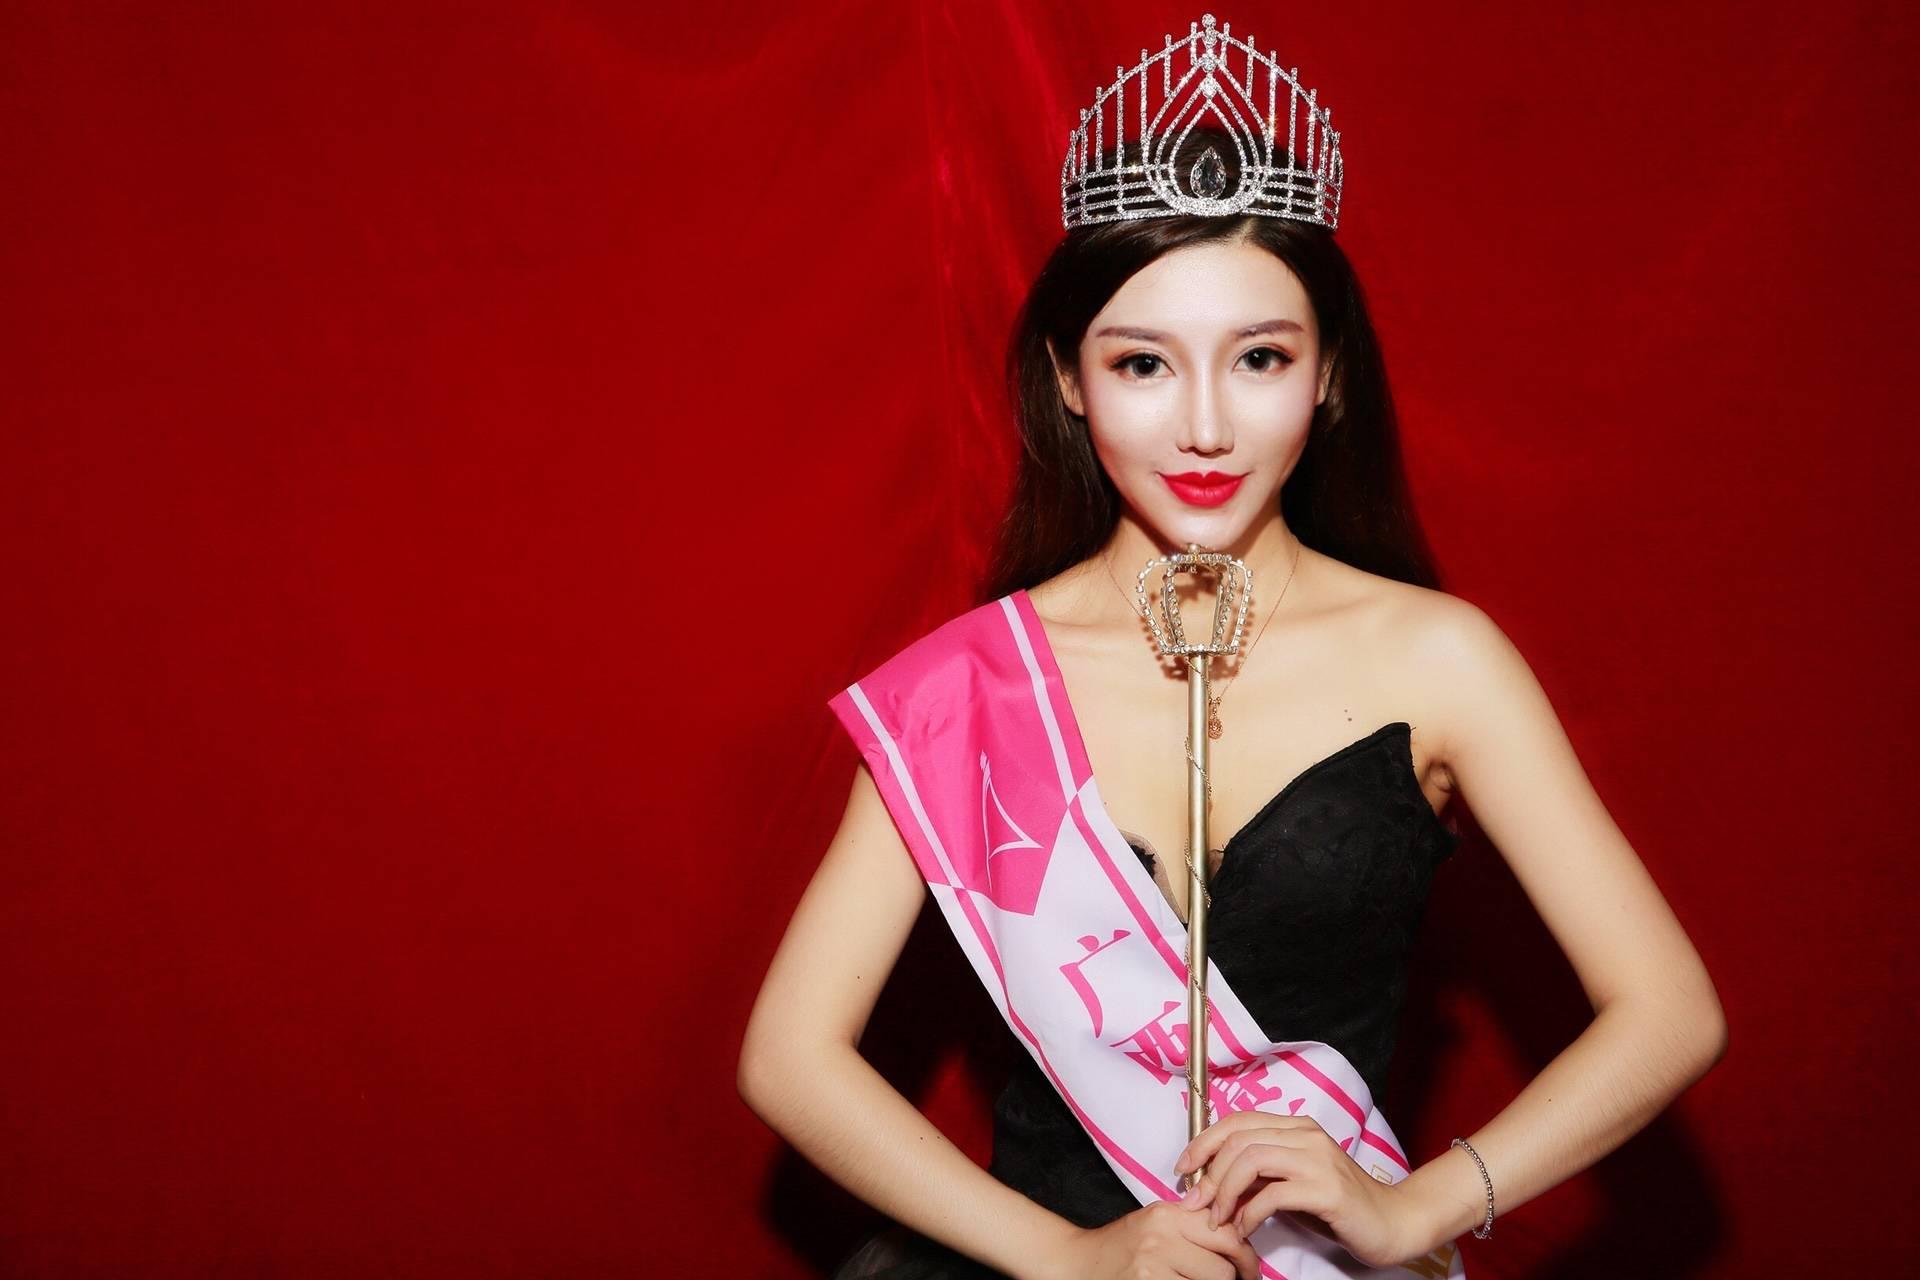 知名模特、亚洲小姐林妙戈签约加盟代世传媒